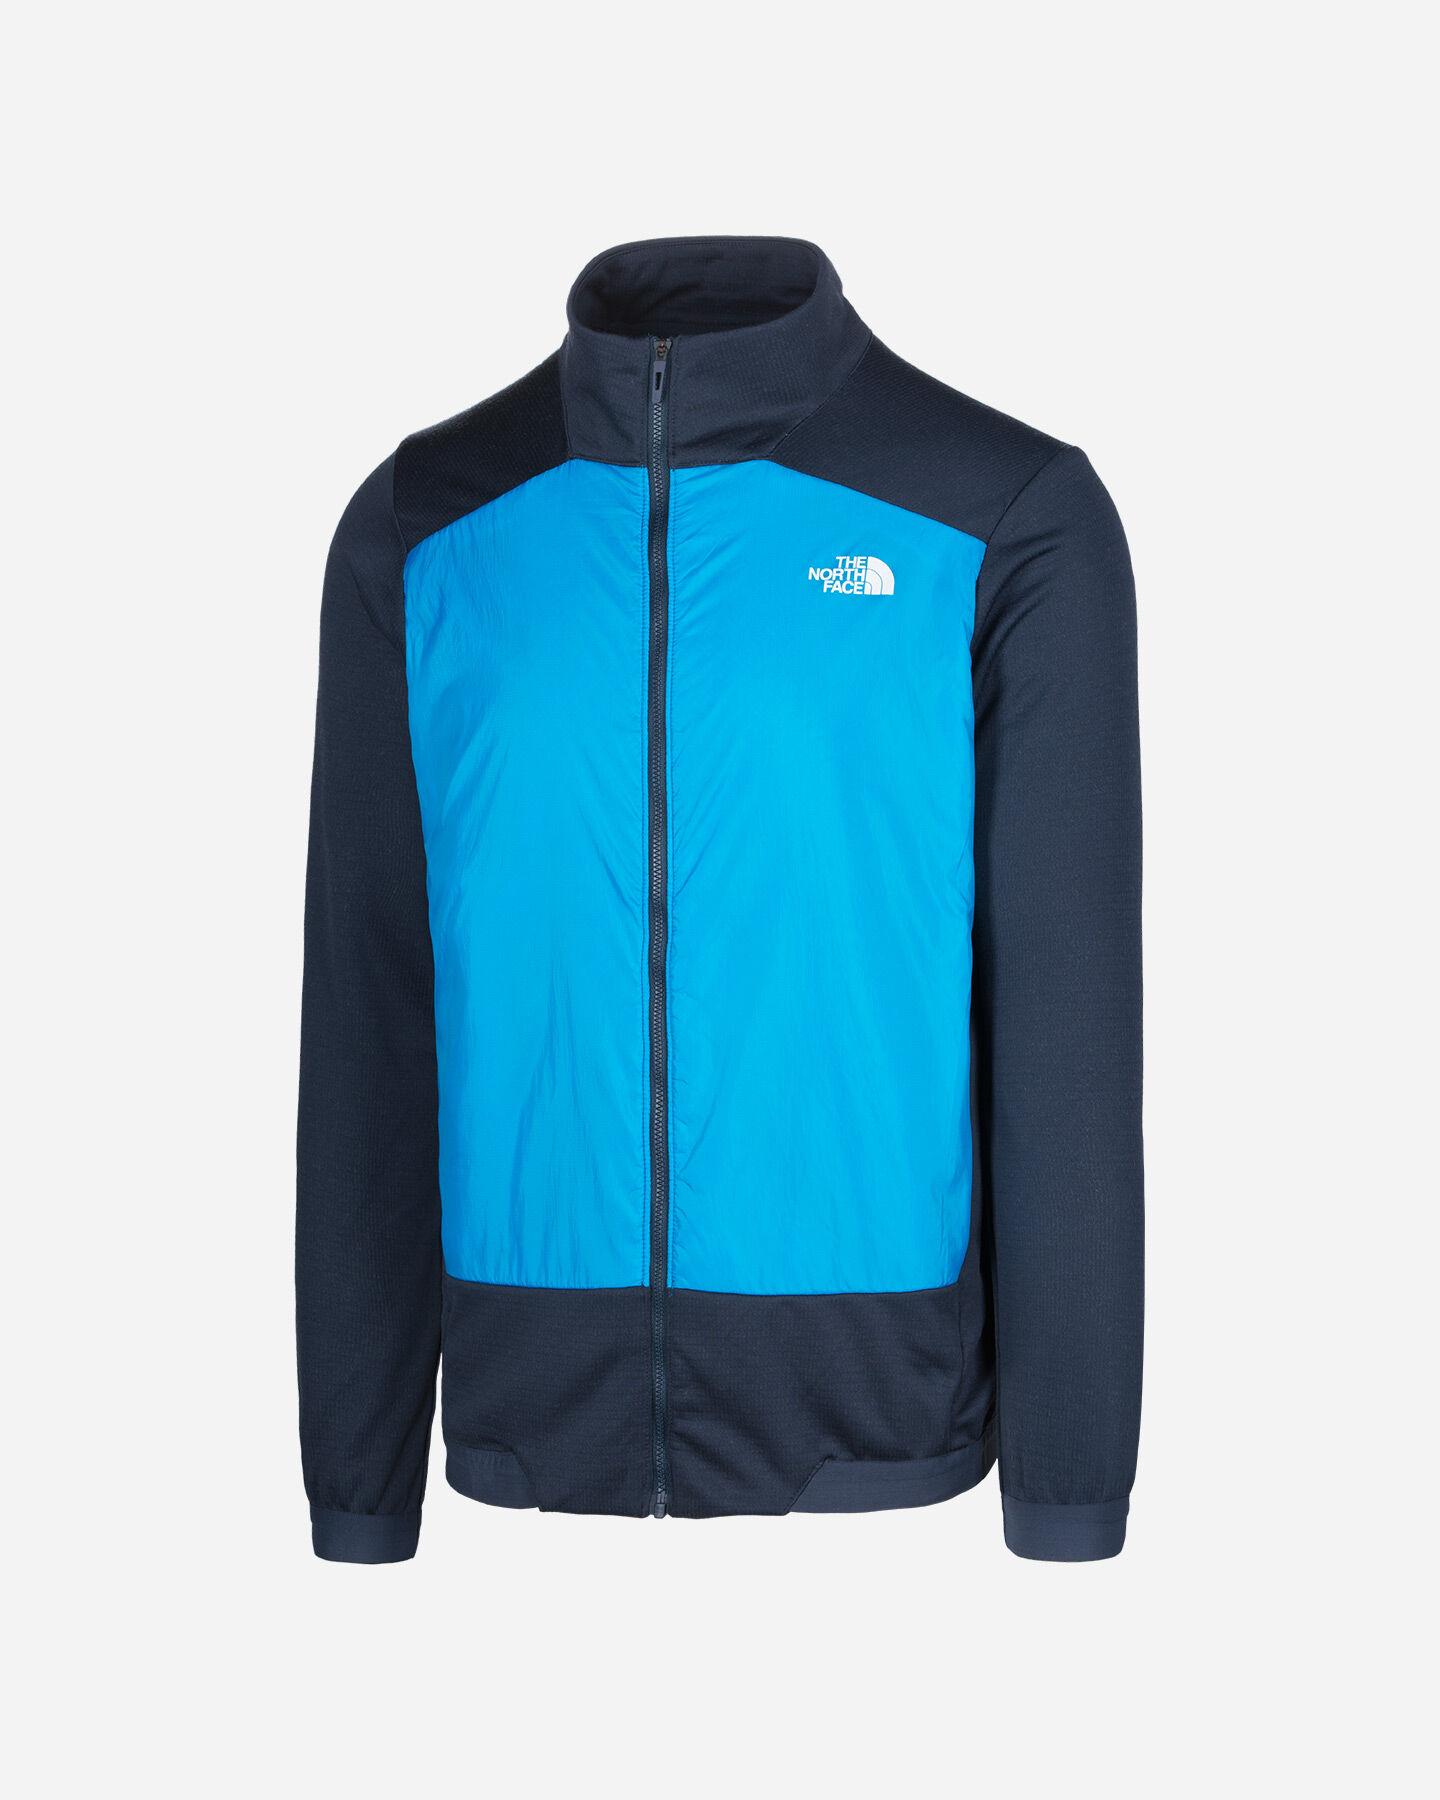 c9467f3949 Per Uomo Sportivo Abbigliamento E Sport Accessori Cisalfa qRzx017